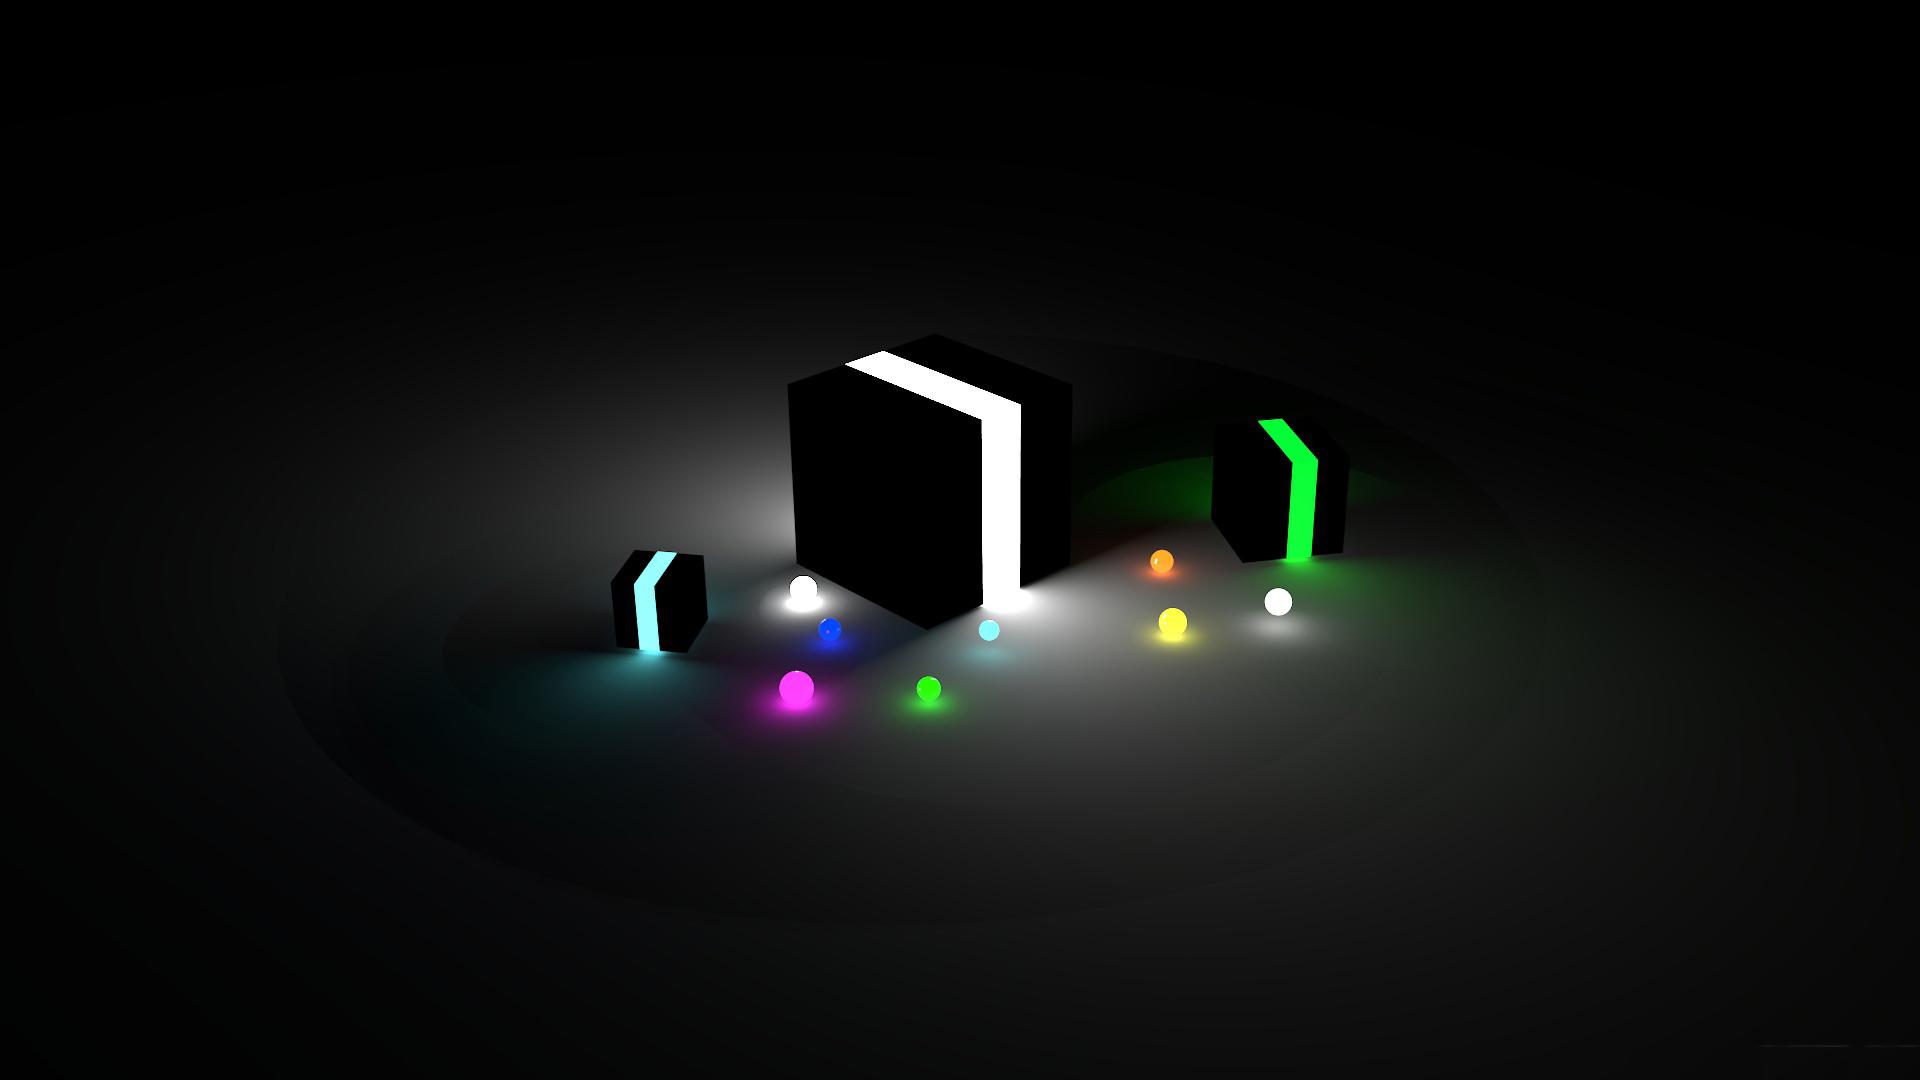 Картинка: Кубы, шарики, разноцветные, темно, подсветка